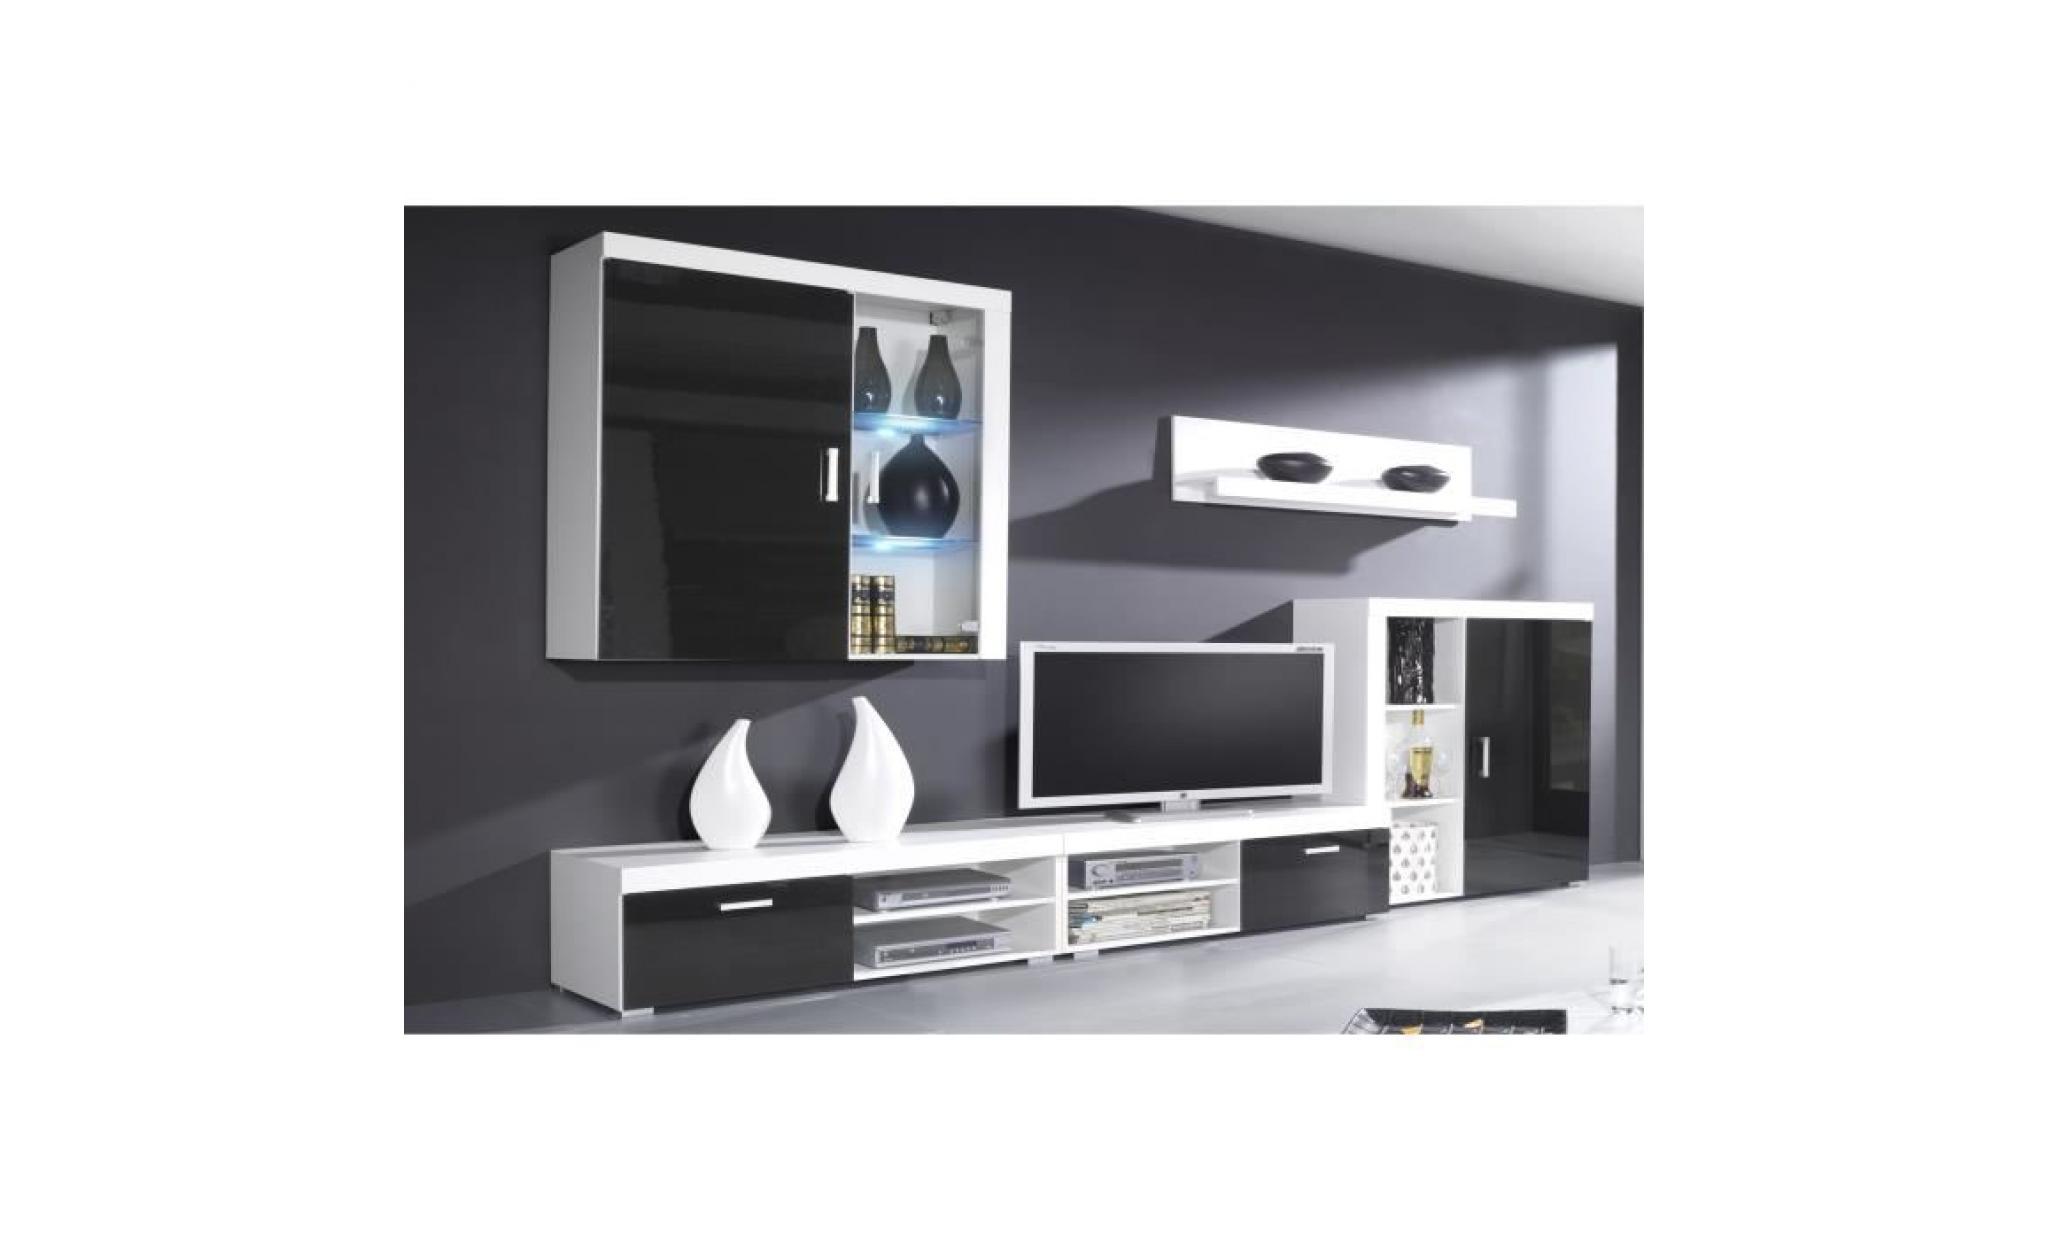 laquédimensions250x194x42 profondeur meubles avec mate de et ensemble séjour ensemble de ledsblanc cm de blanc qzUVMGLSp